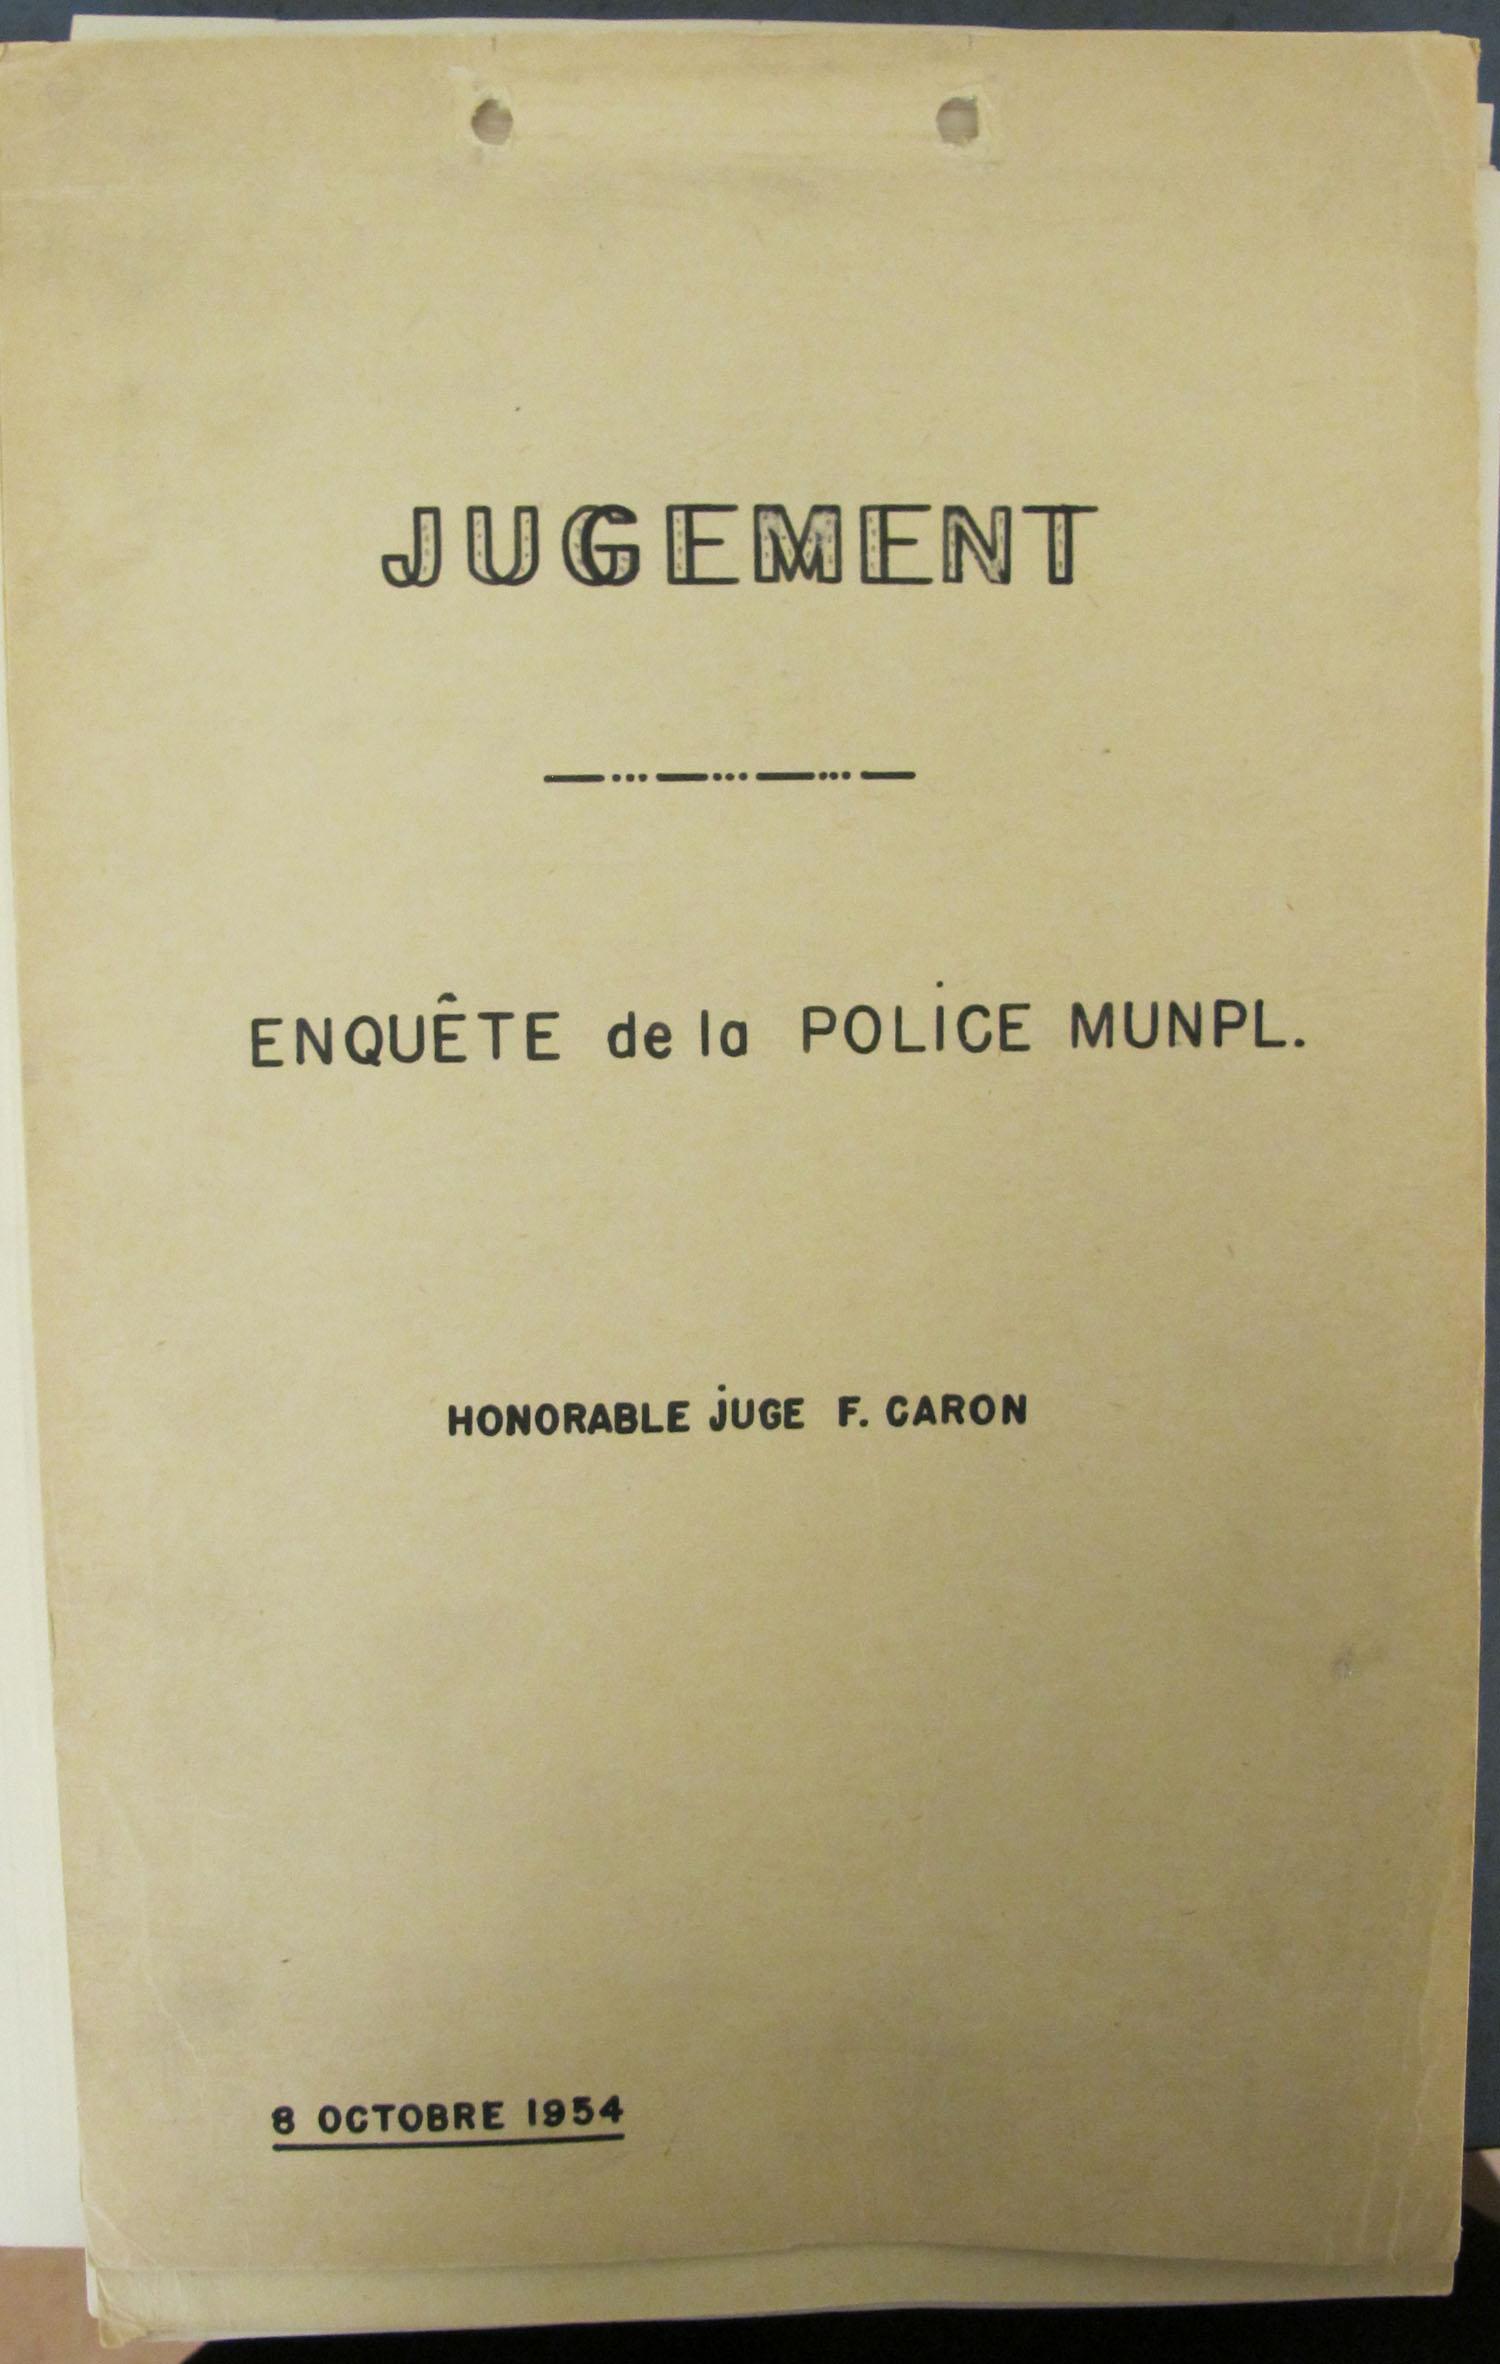 Page couverture d'un document sur laquelle il est inscrit, au centre : « Jugement/Enquête de la police munpl./Honorable Juge F. Caron ». La date du jugement est visible en bas à gauche.